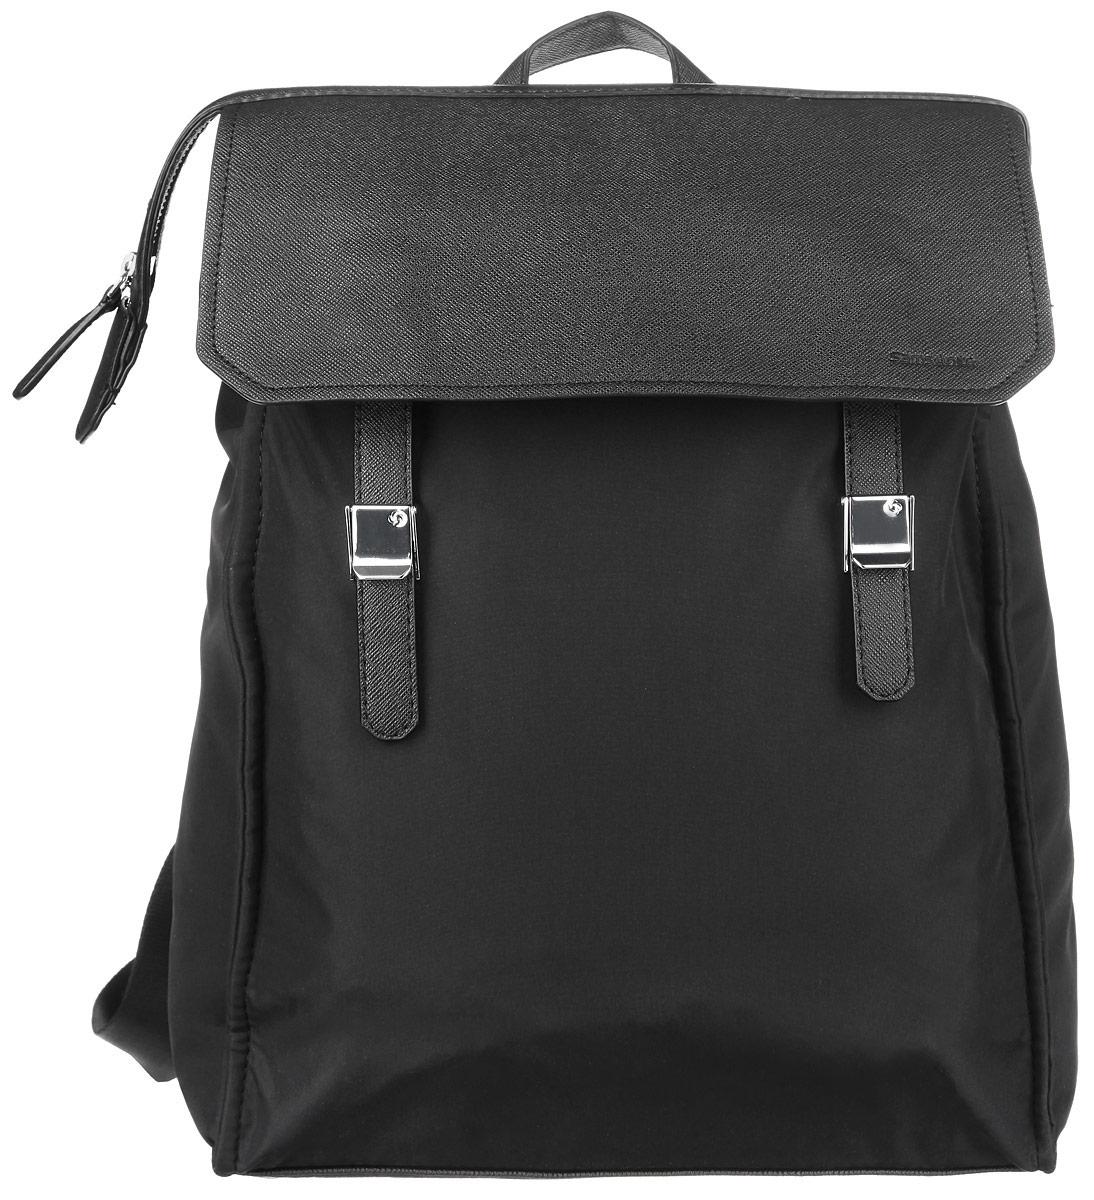 Рюкзак женский Samsonite, цвет: черный. 56D-09003